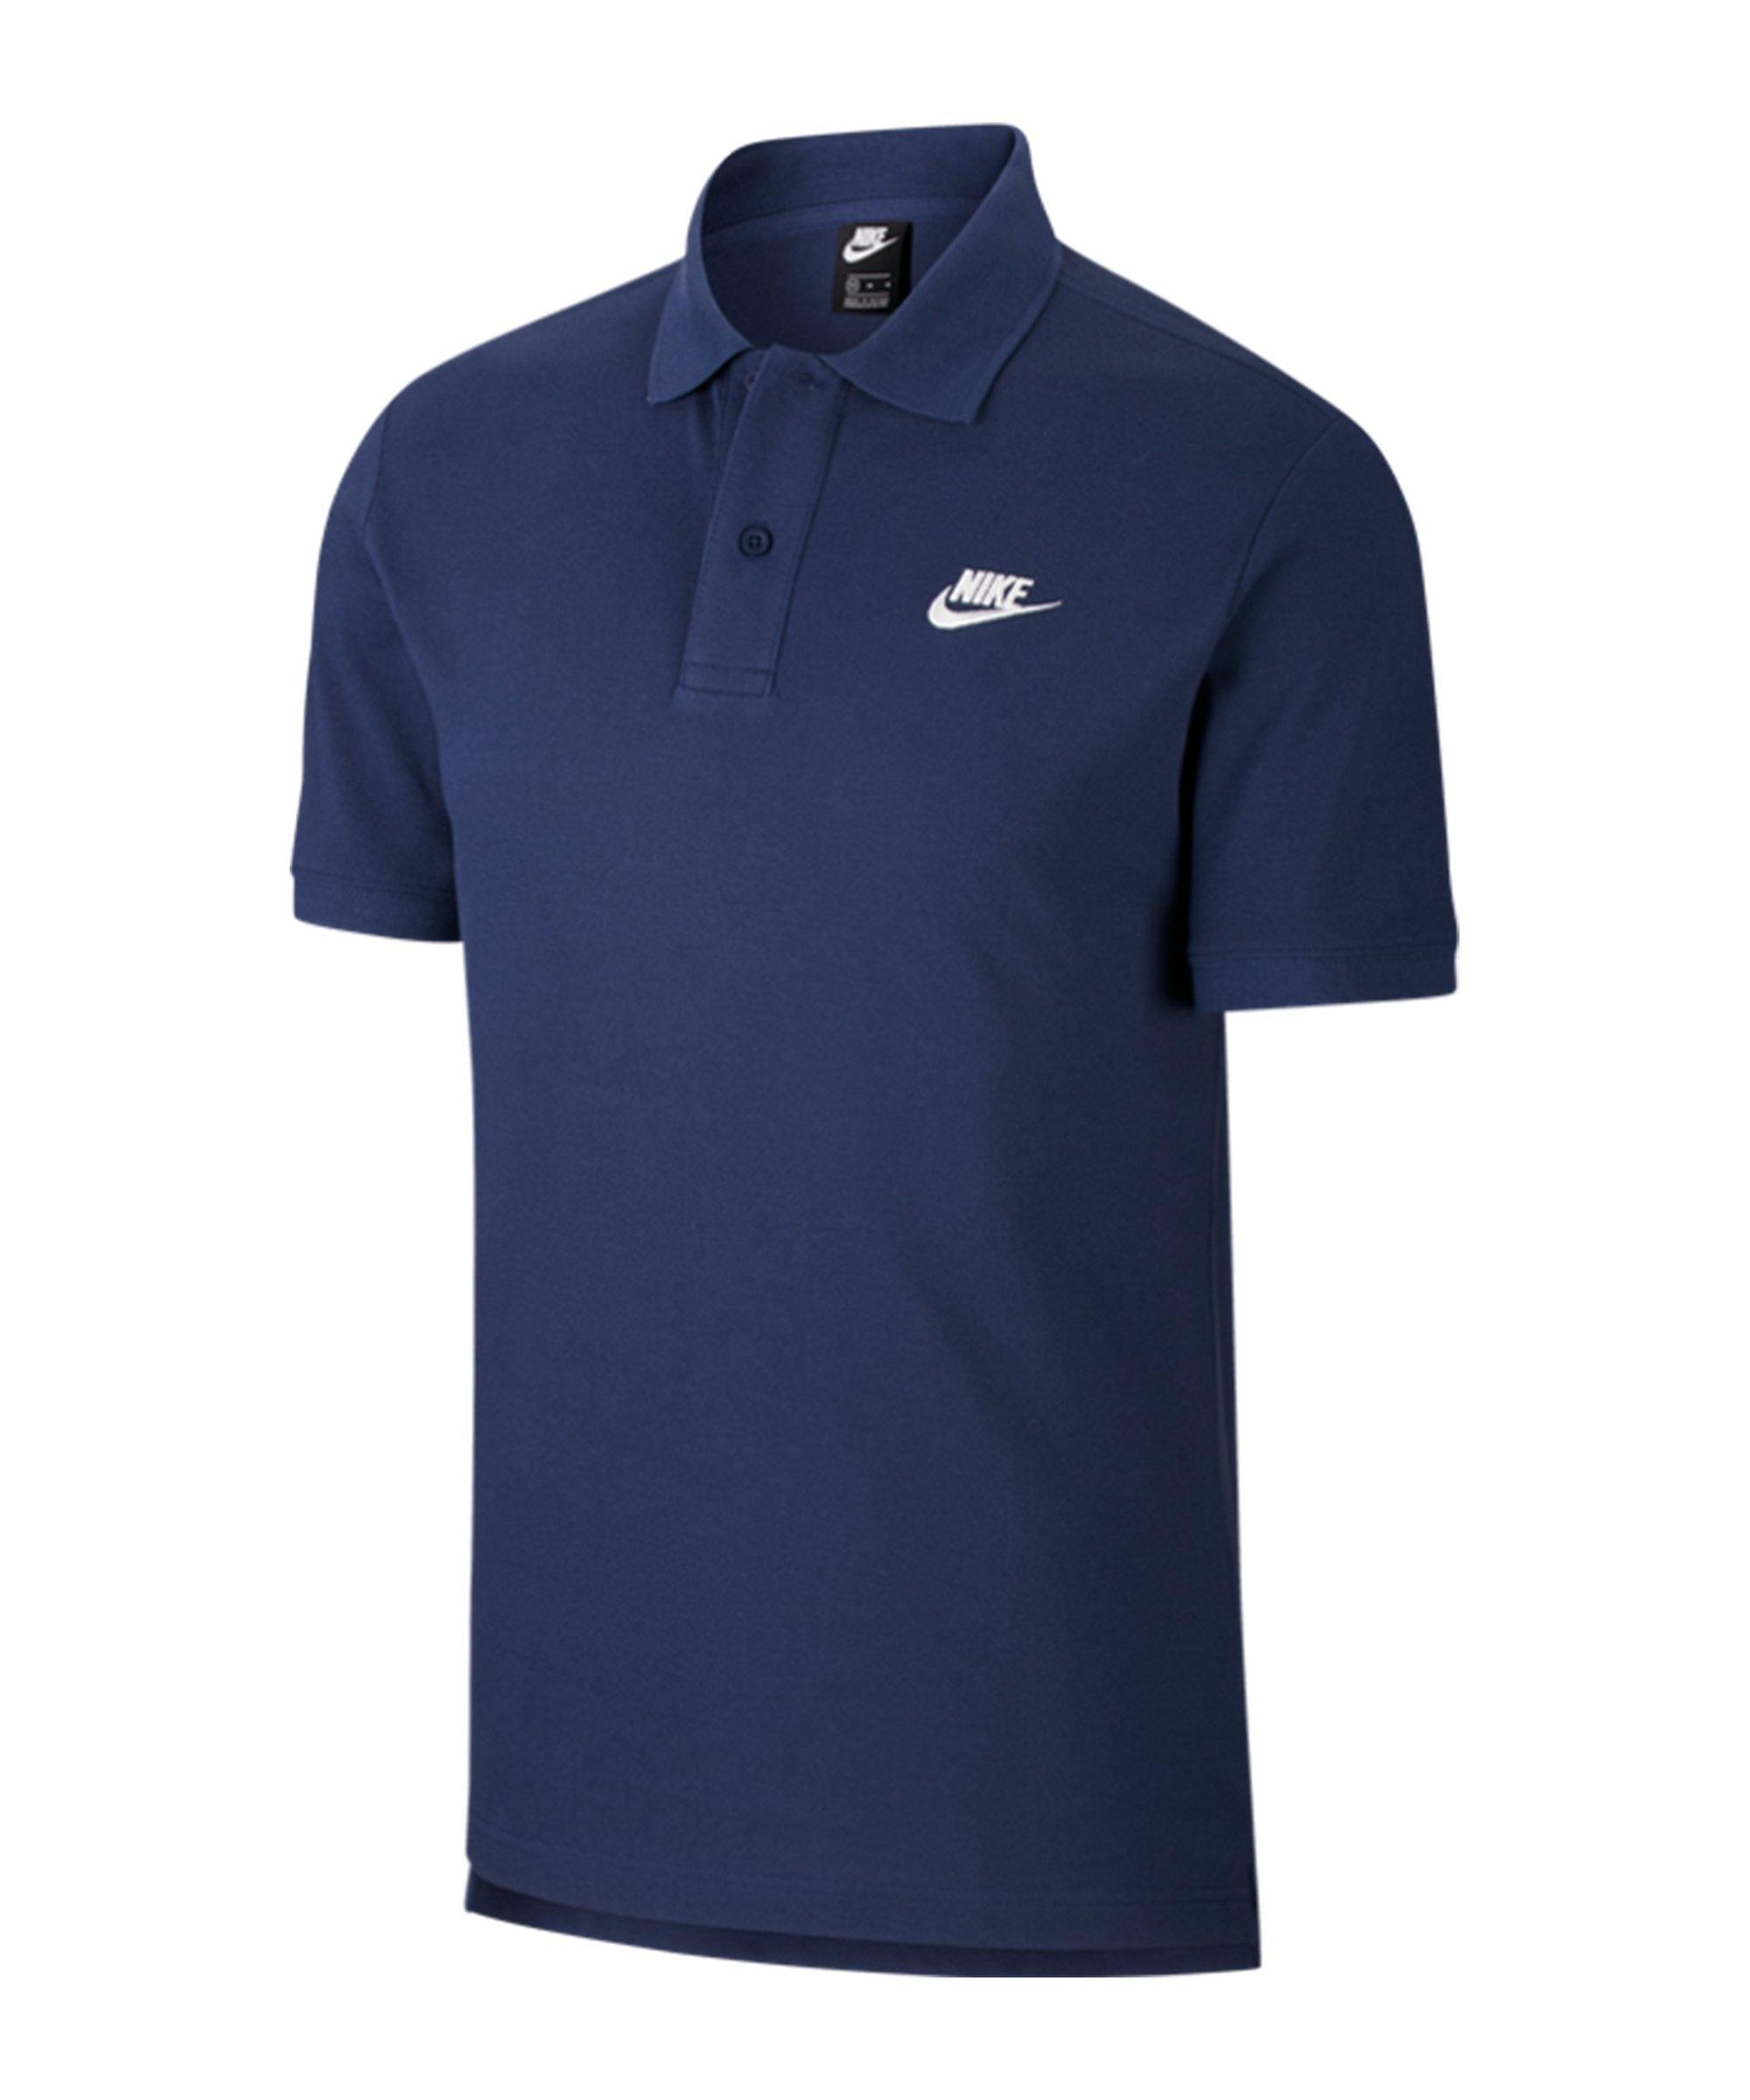 Nike Poloshirt Blau F410 - blau